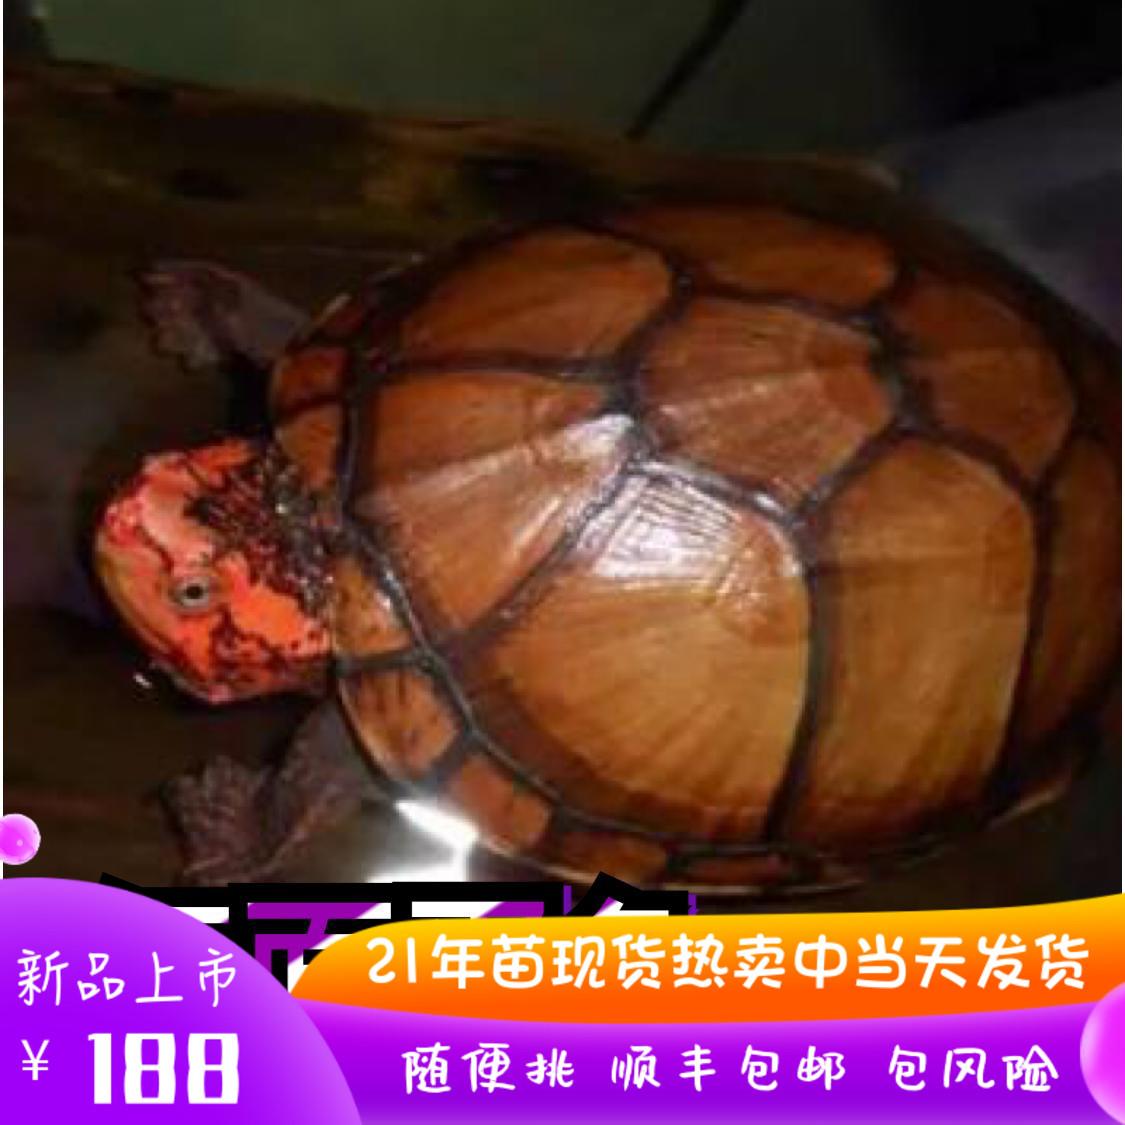 红面蛋进口龟苗乌龟鱼缸宠物观赏活体深水龟红面龟蛋发色龟粮招财